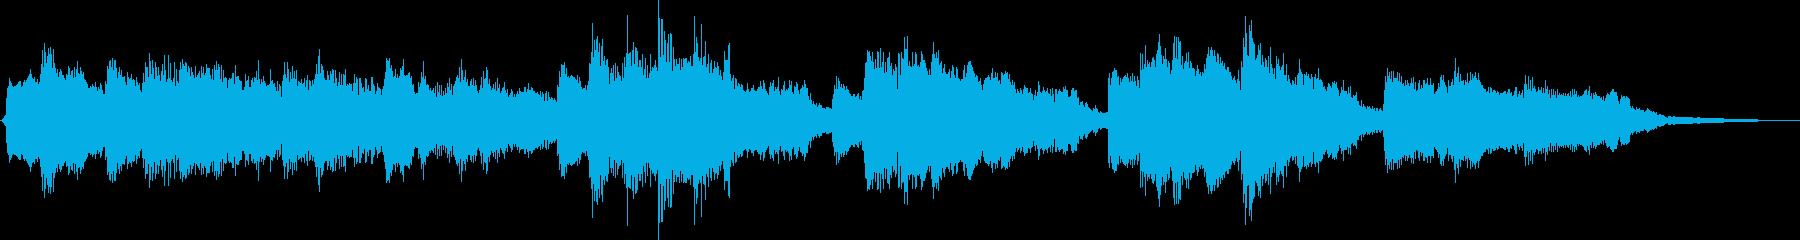 ピアノとストリングスの切なく高貴なBGMの再生済みの波形